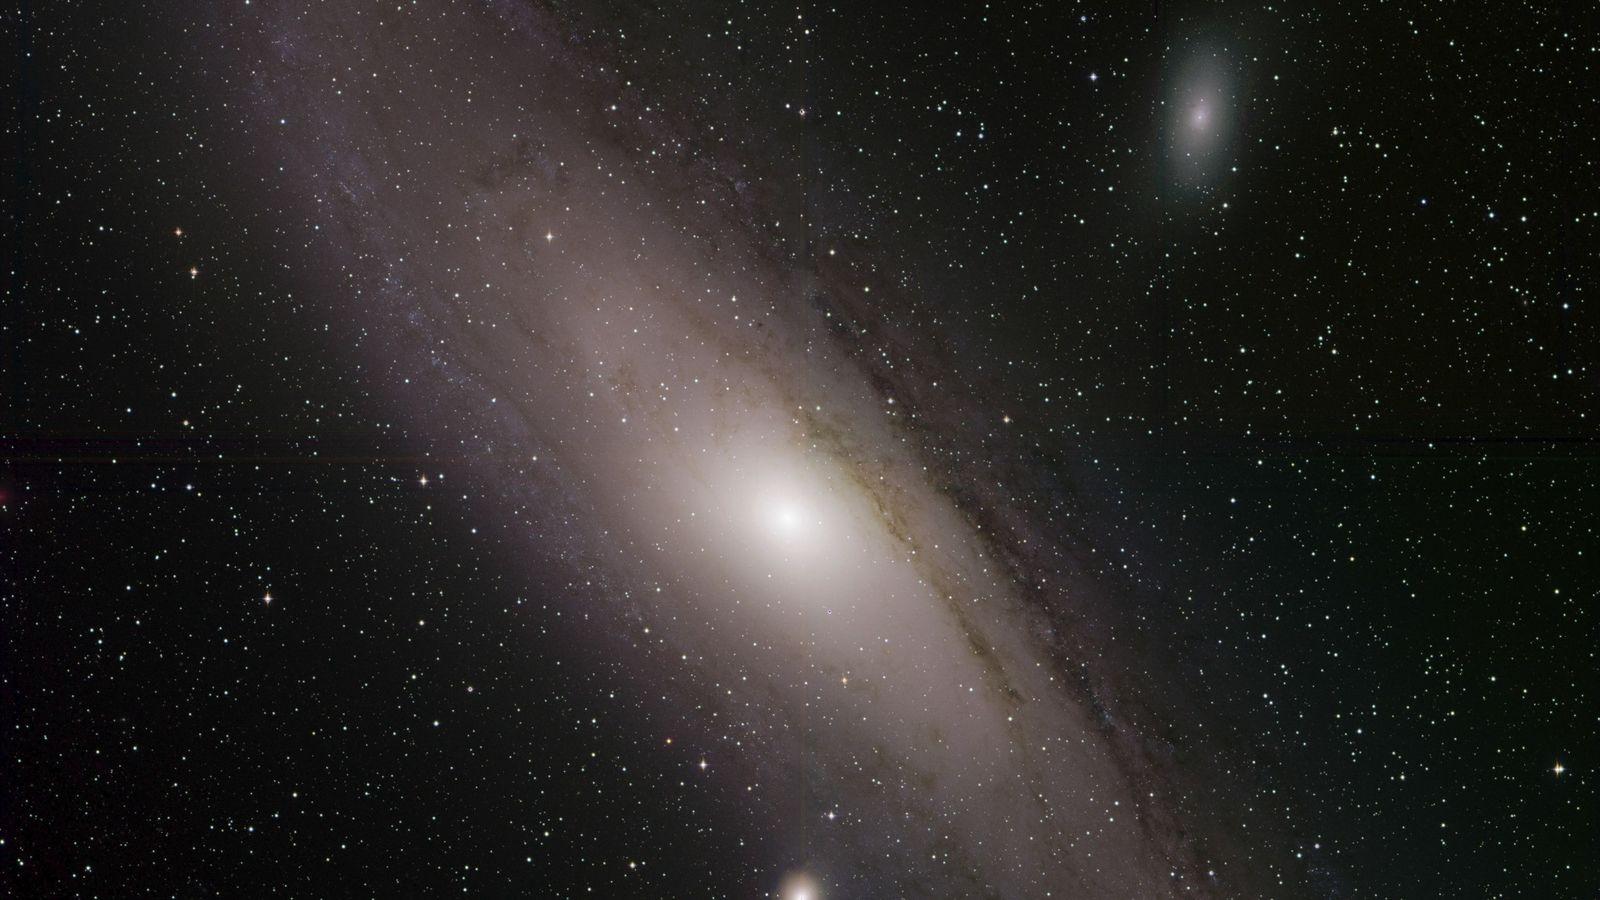 La galaxia de Andrómeda, también conocida como Messier 31, brilla en una imagen reciente de la ...